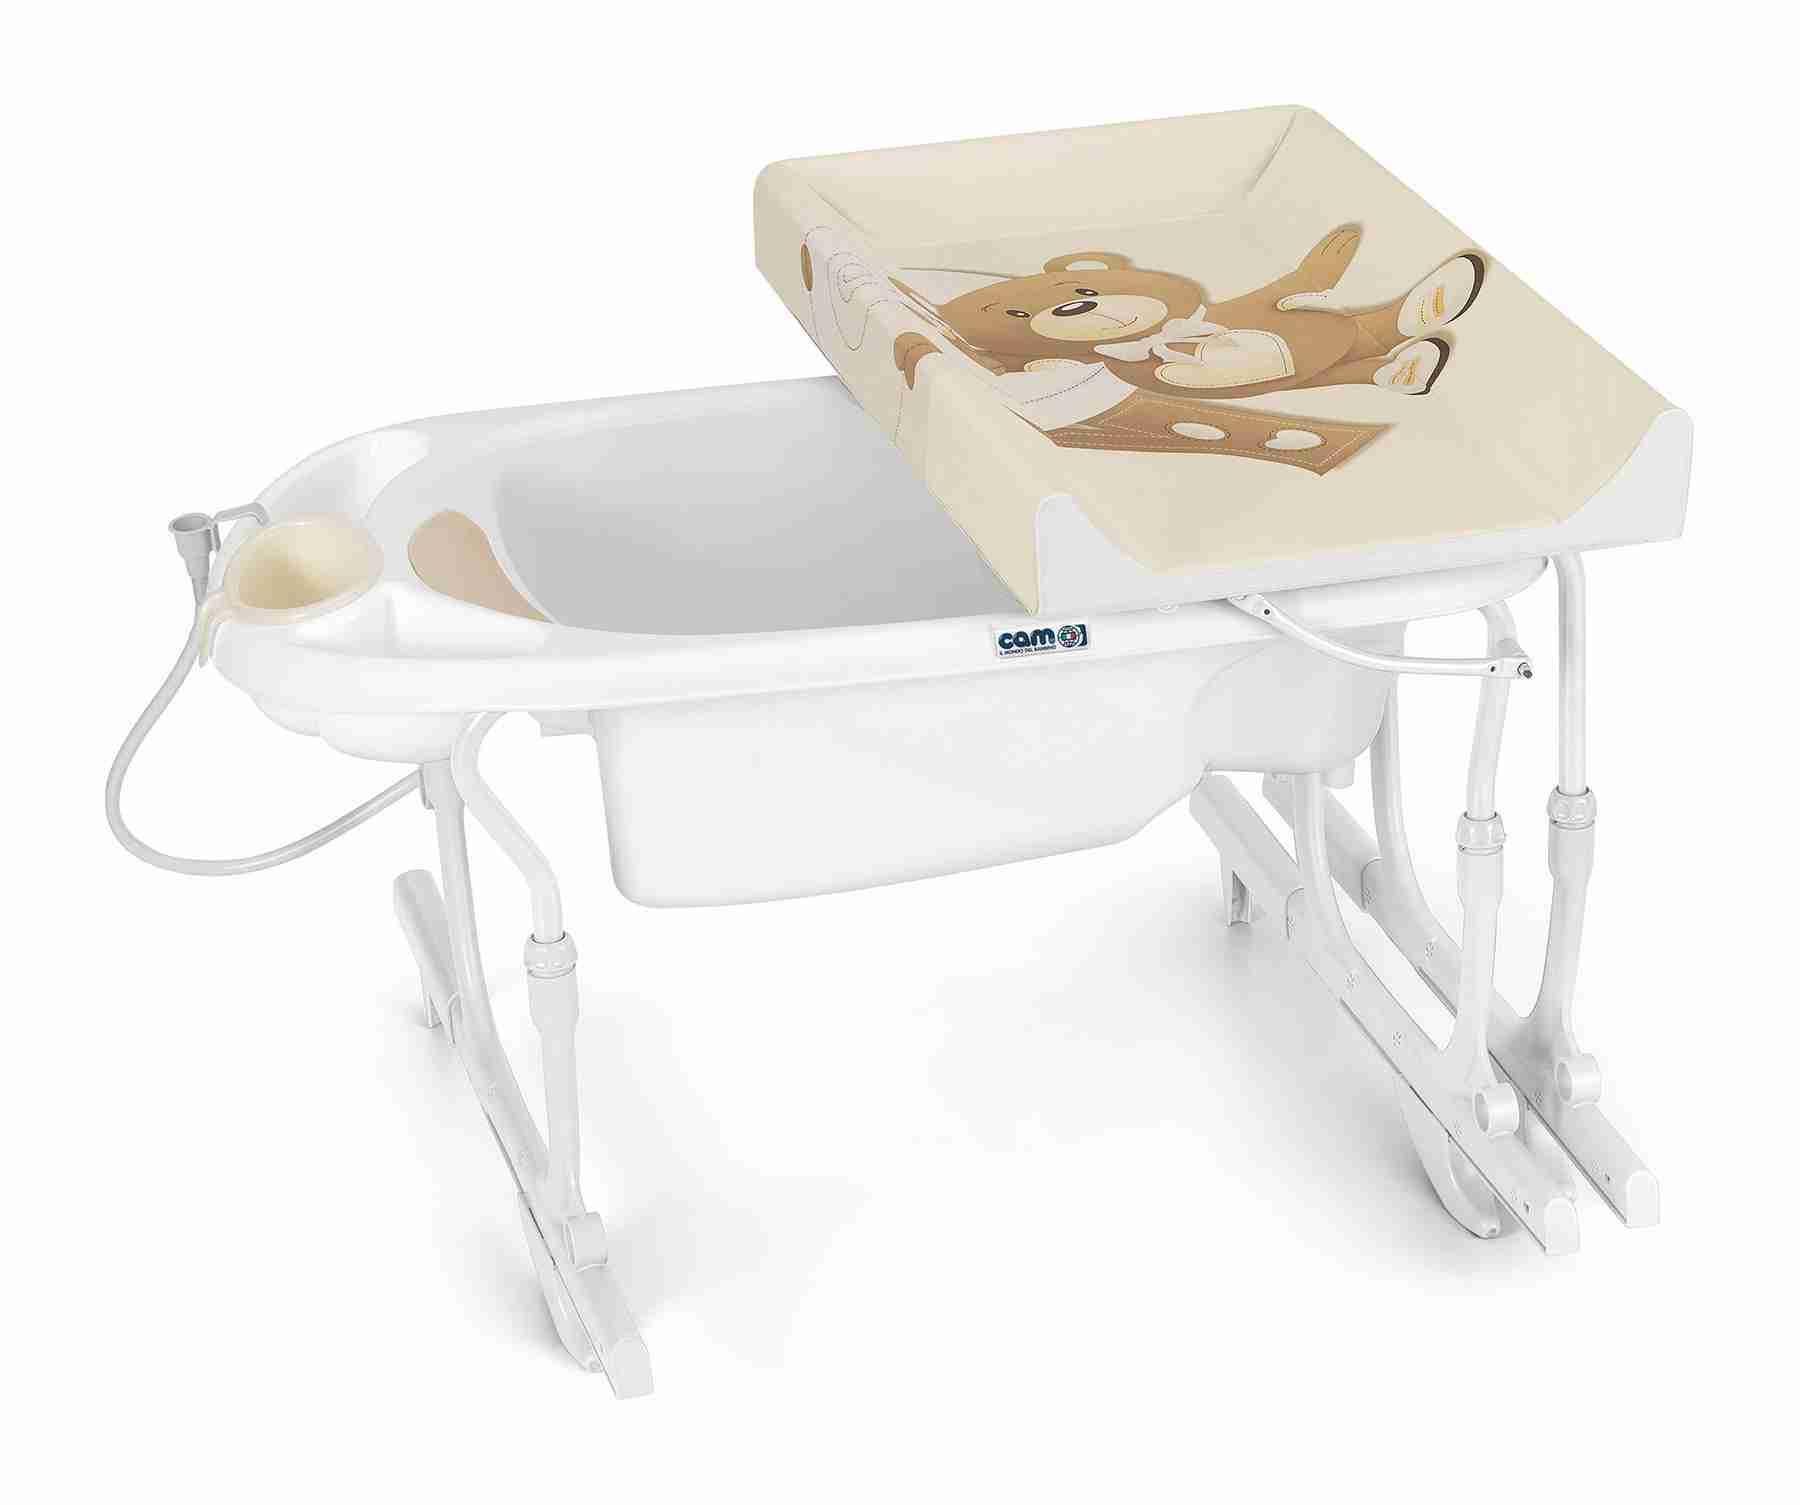 Bagnetto vasca da bagno idro baby estraibile cam - Fasciatoio vasca da bagno ...